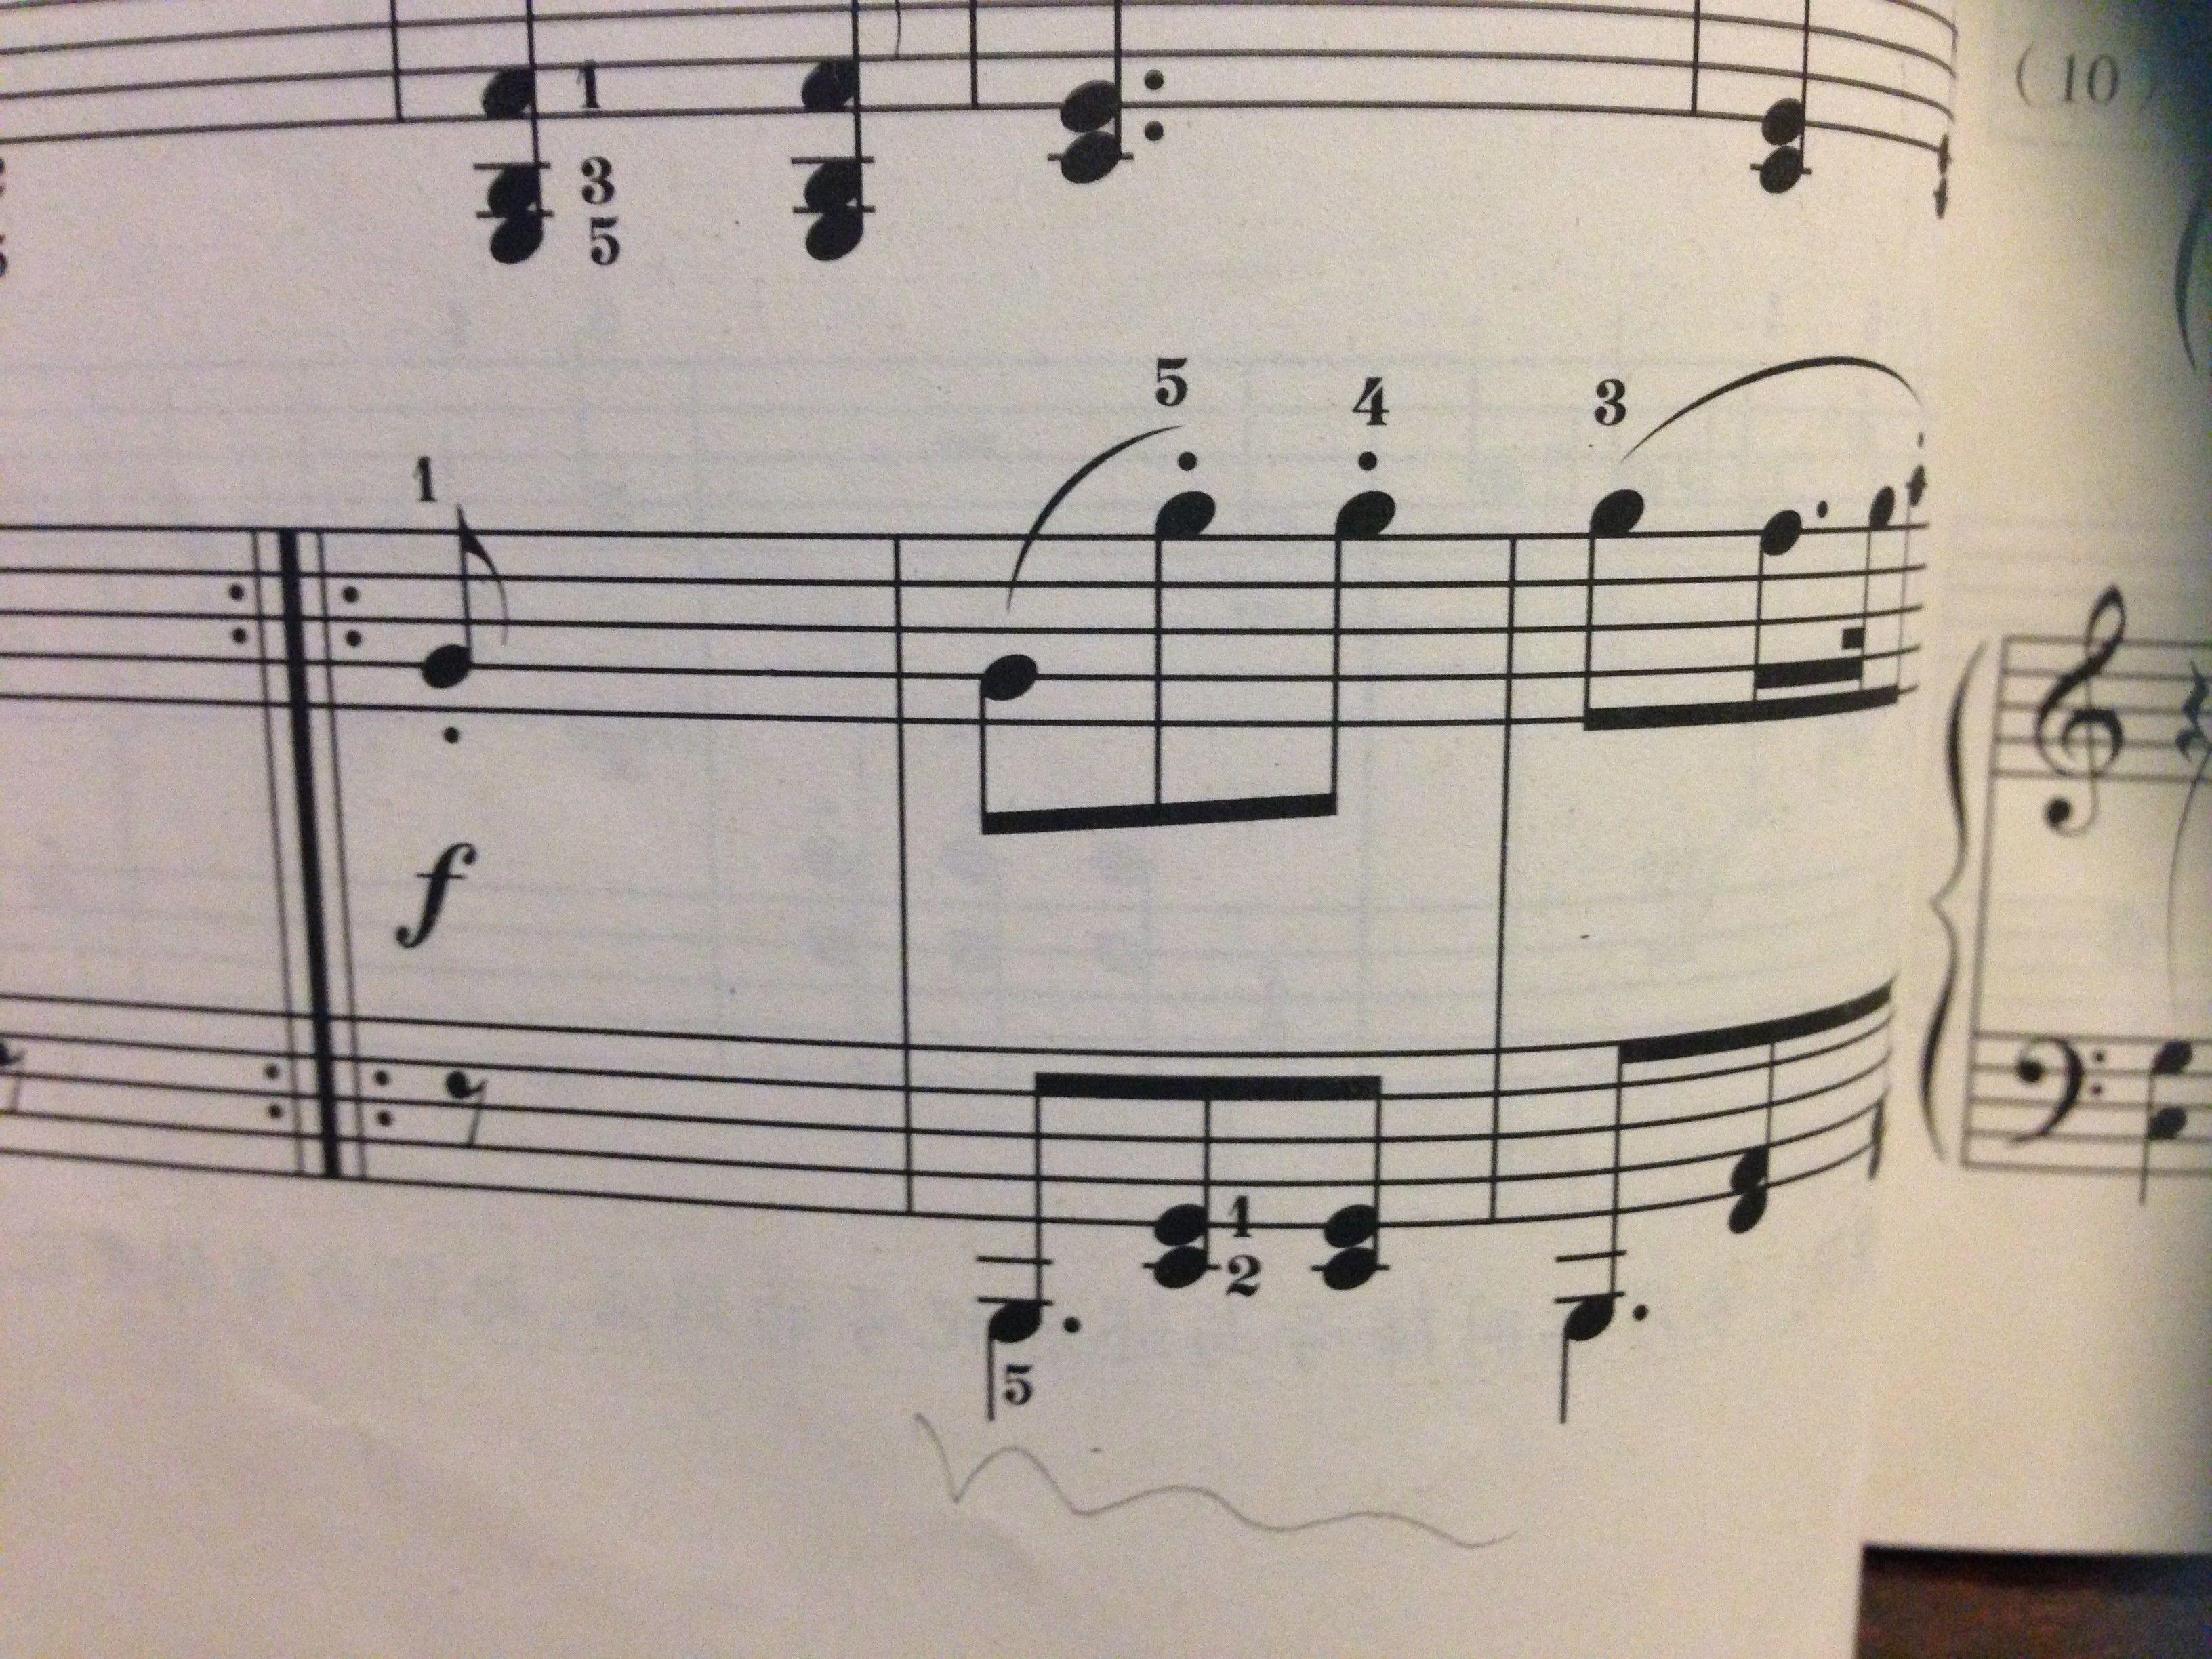 下面四个点是什么字_下面这个附点是什么意思?这个钢琴谱是3/8的,这个附点